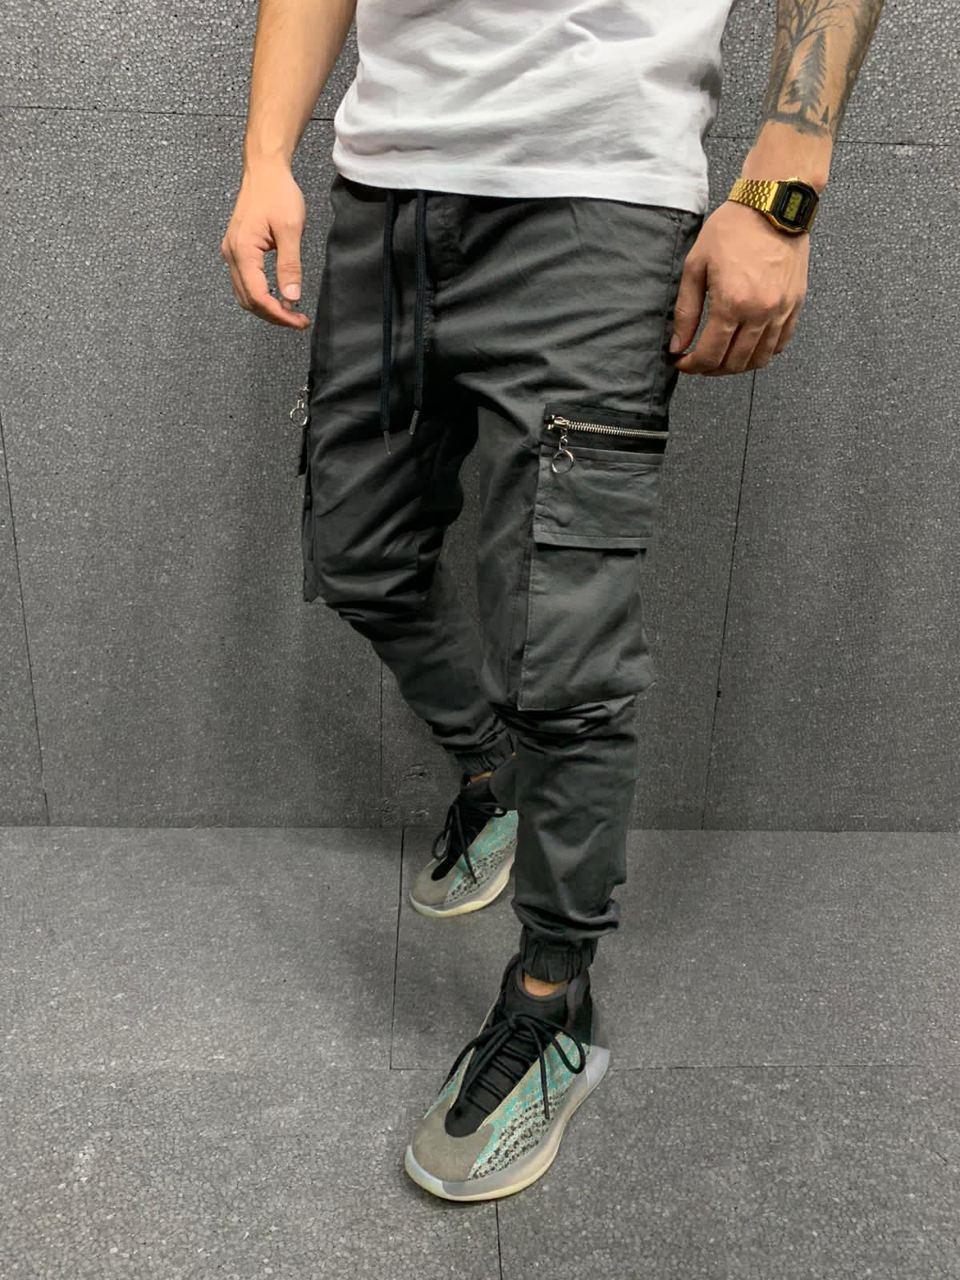 Джинсы - мужские серые джинсы с карманами карго